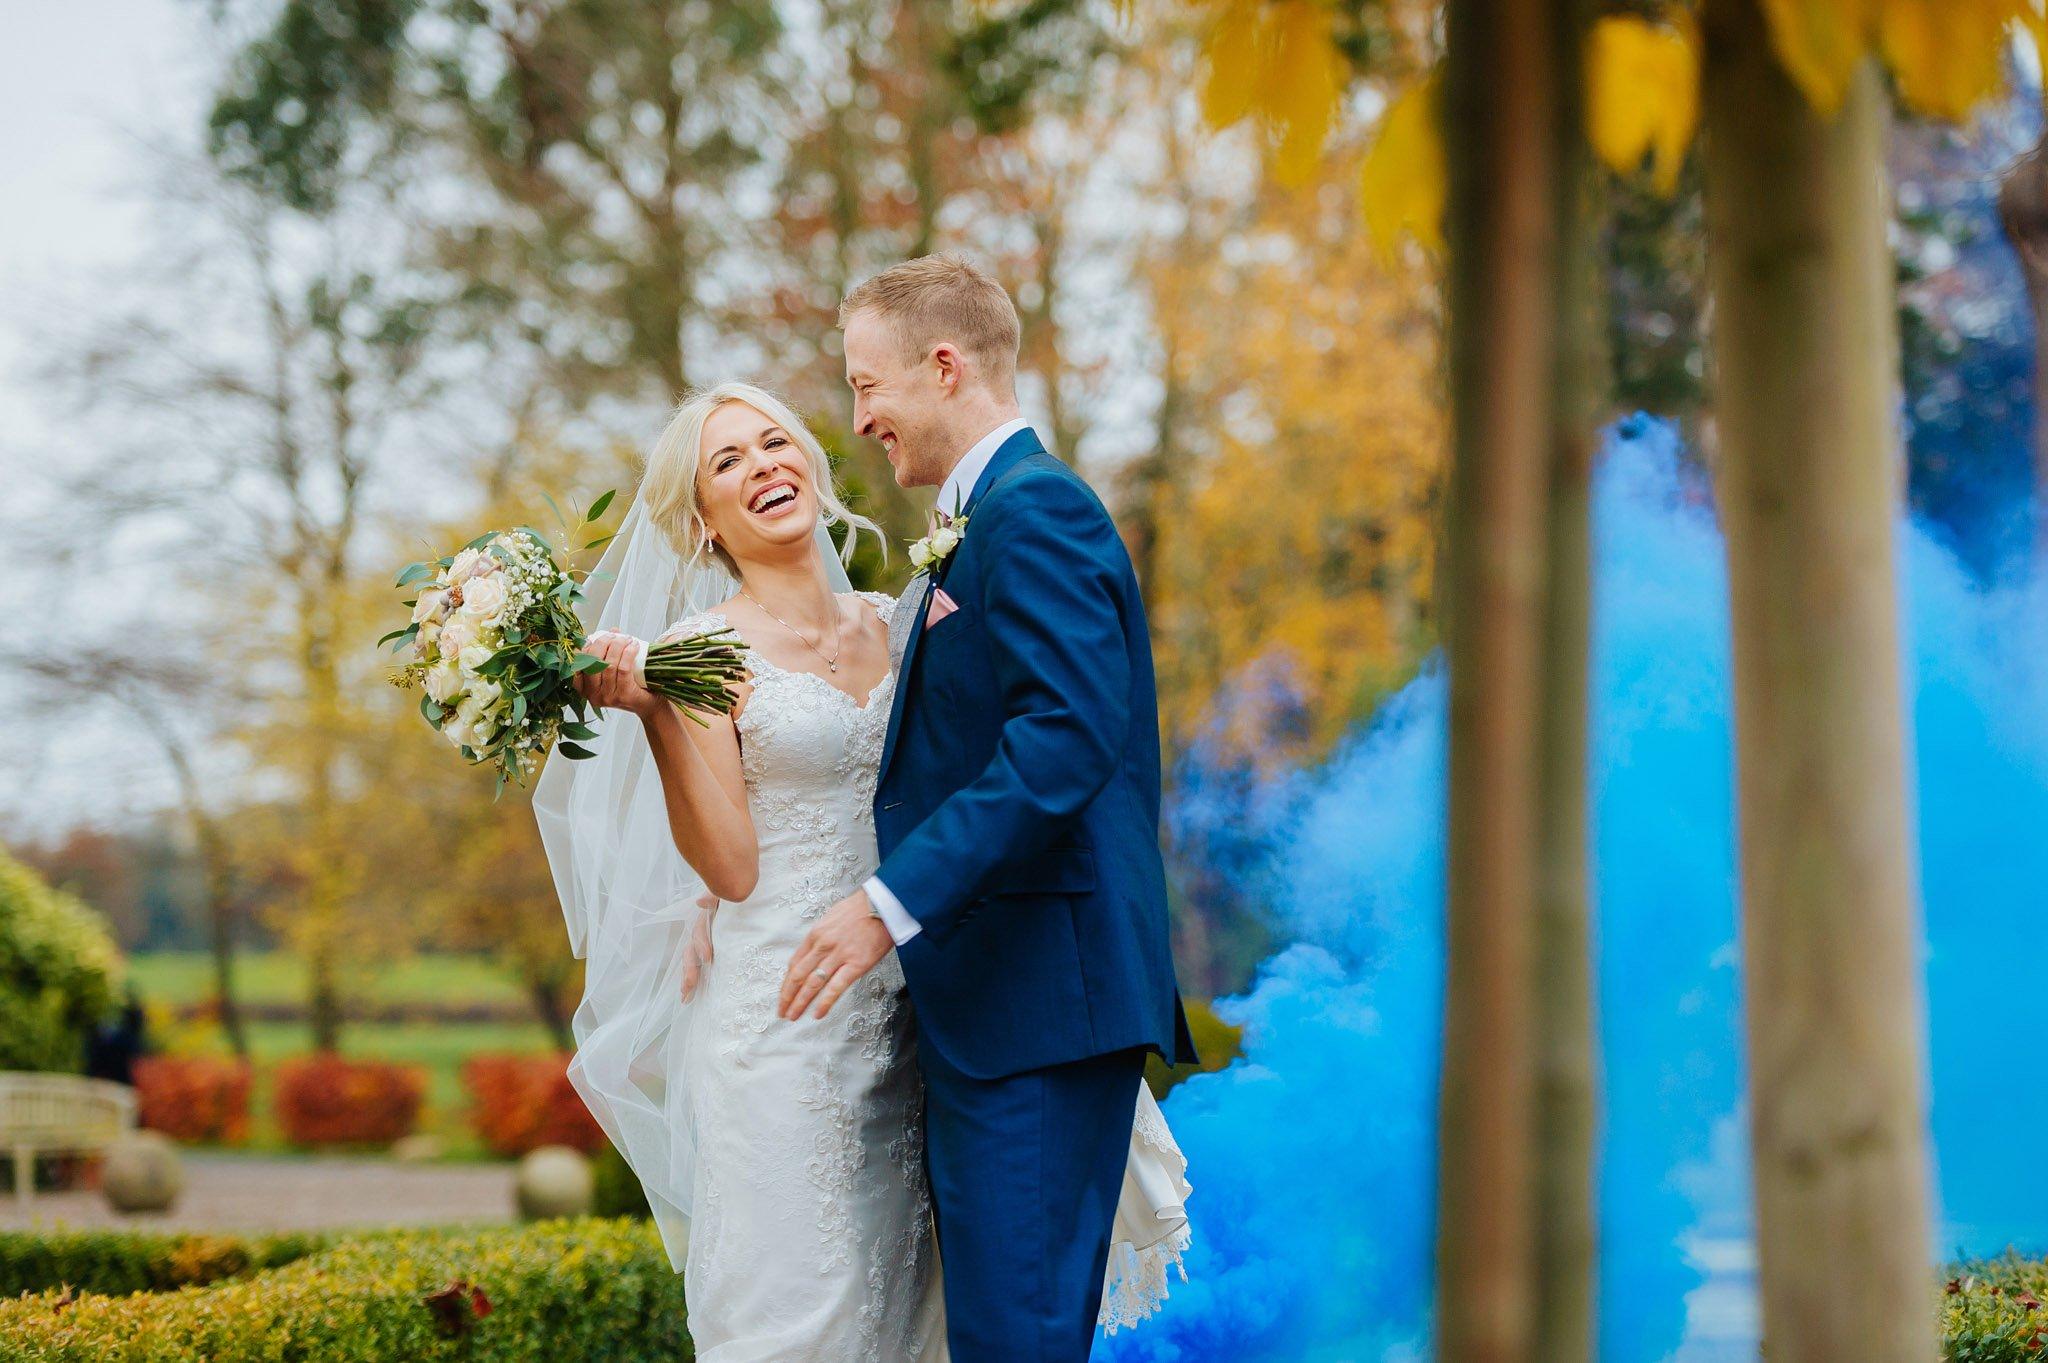 Lemore Manor wedding, Herefordshire - West Midlands | Sadie + Ken 91